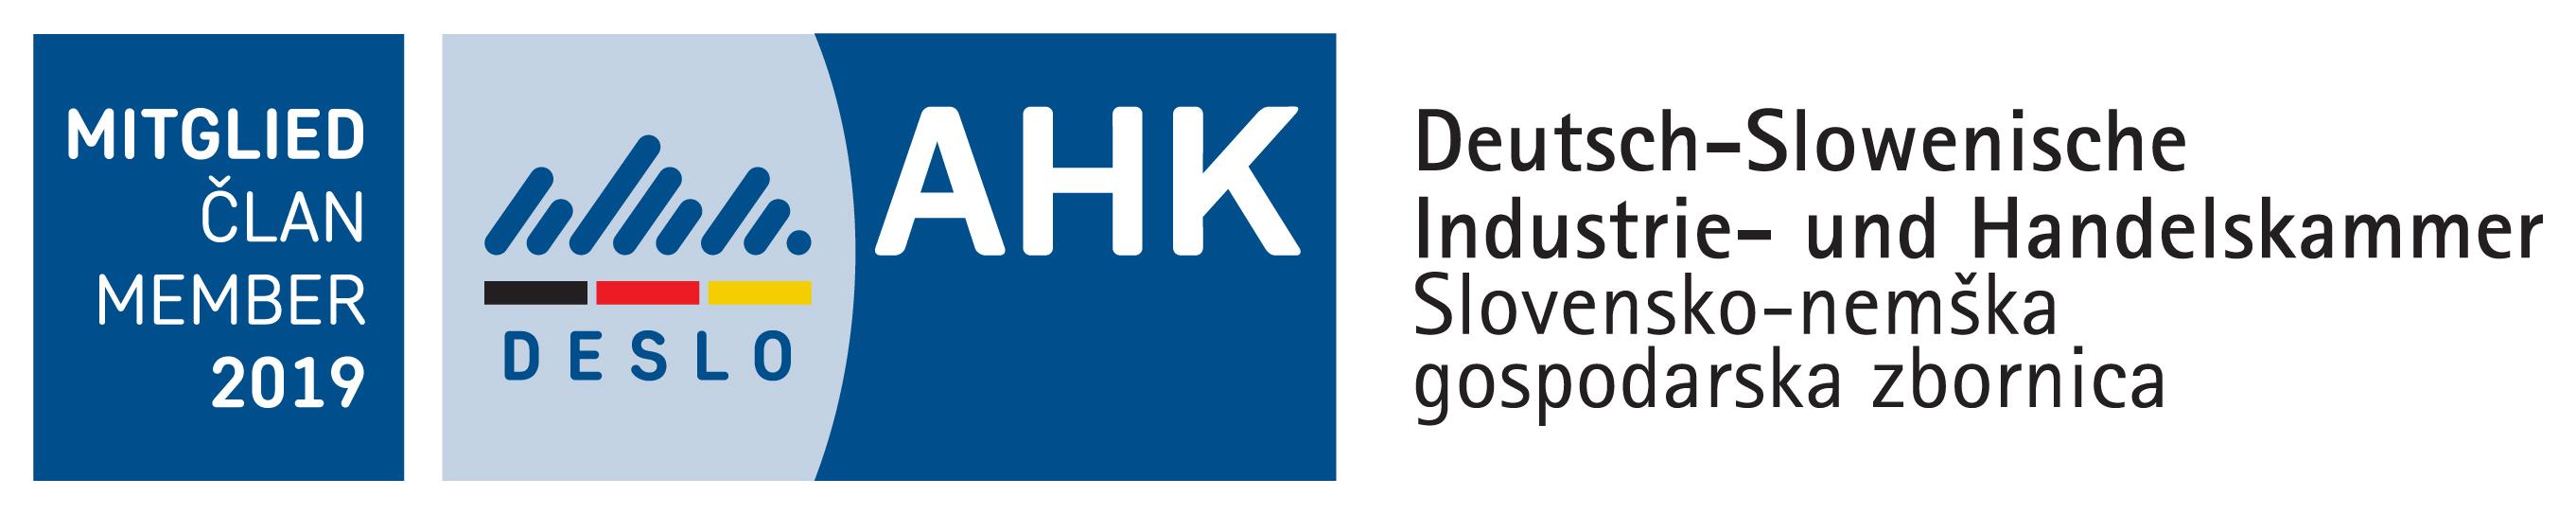 DE-SLO - Slovensko nemška gospodarska zbornica